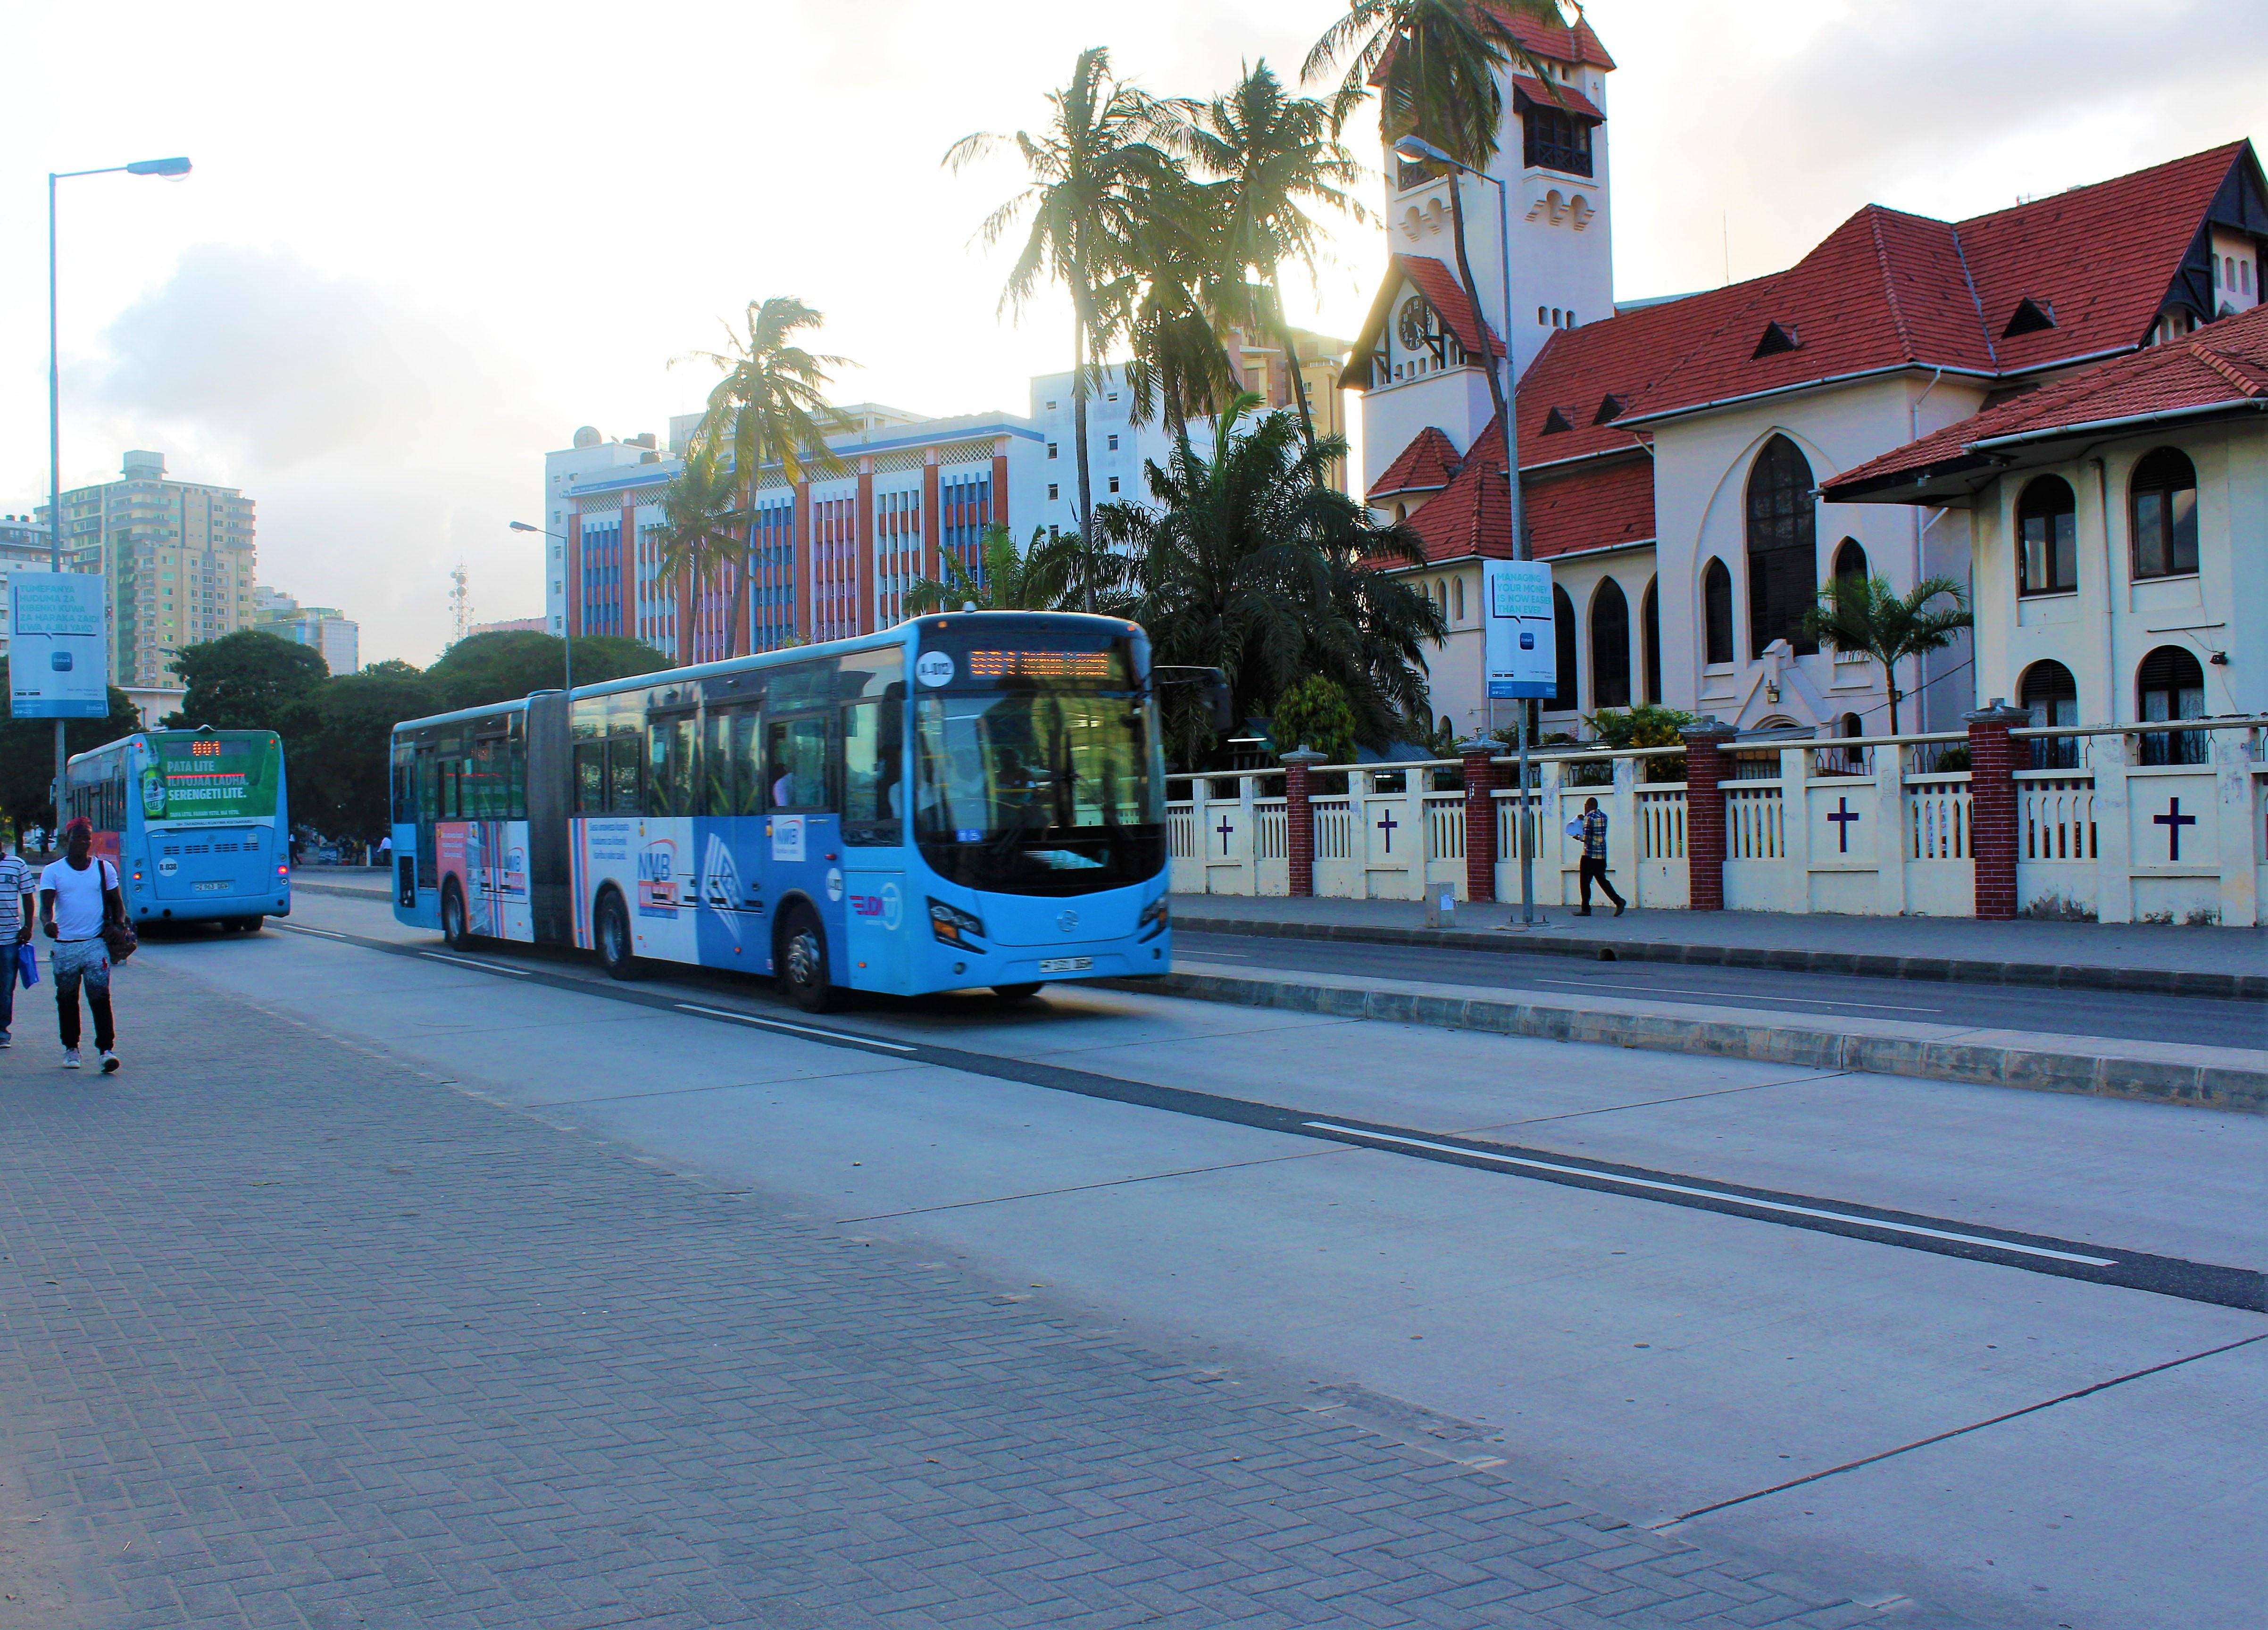 Dar es Salaam bus rapid transit - Wikipedia